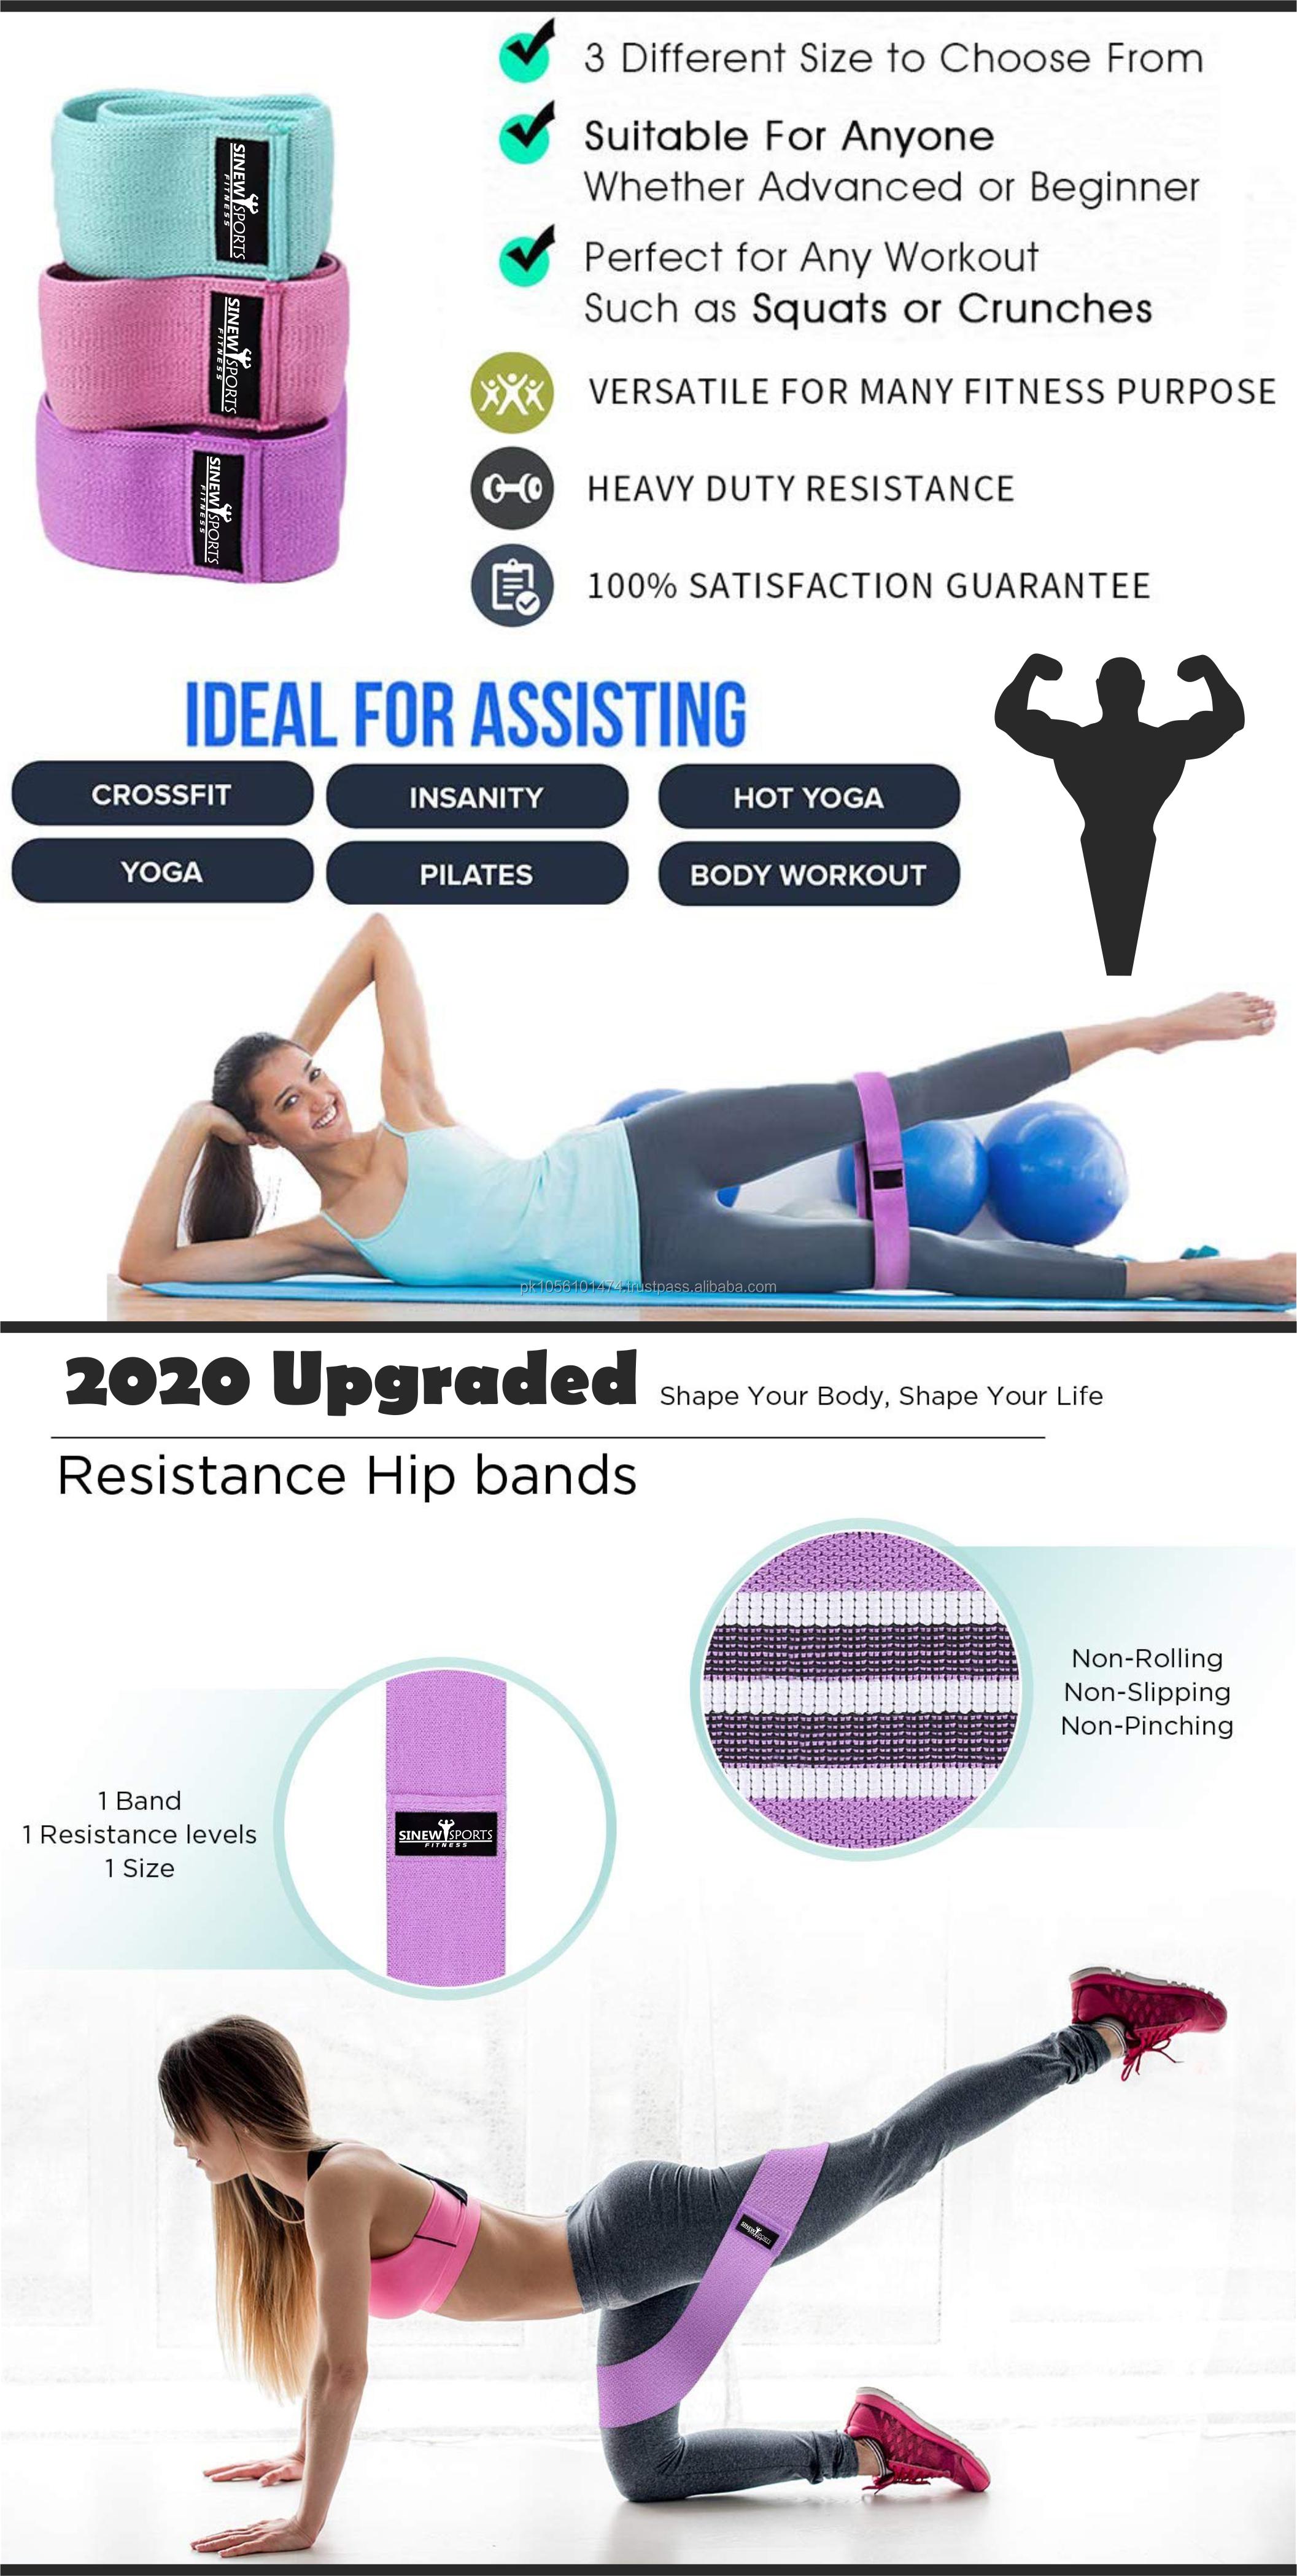 Ev özel ganimet egzersiz direnç bantları düşük orta ve ağır döngü kalça direnci daire bant Yoga Squat